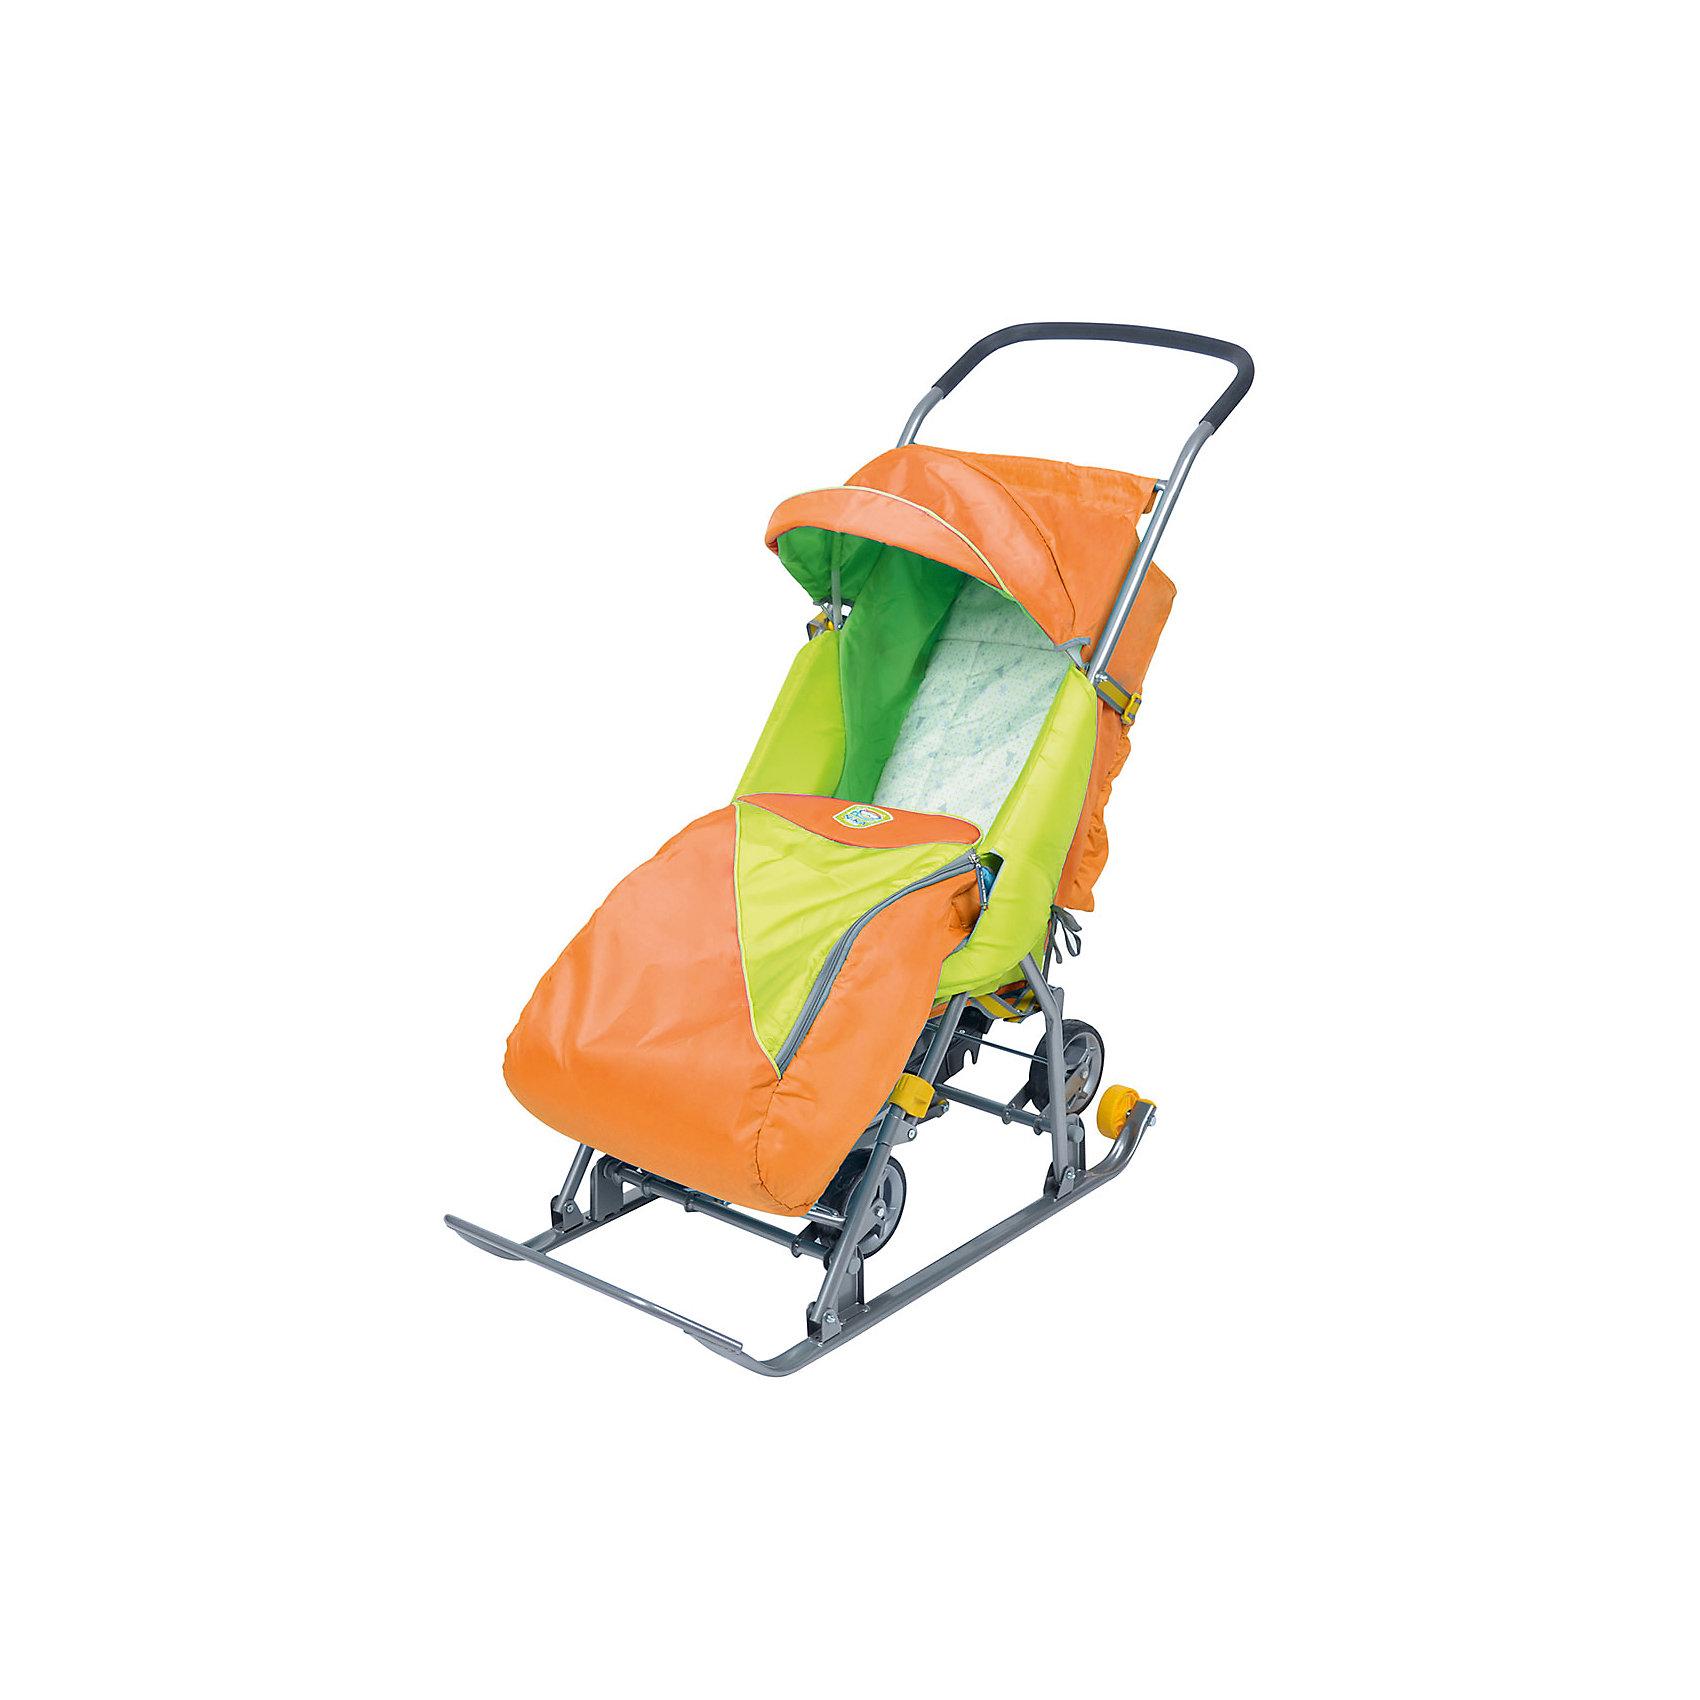 Ника Санки-коляска Тимка 2 Универсальные, оранжевый санки мягкие одноместные ср 2